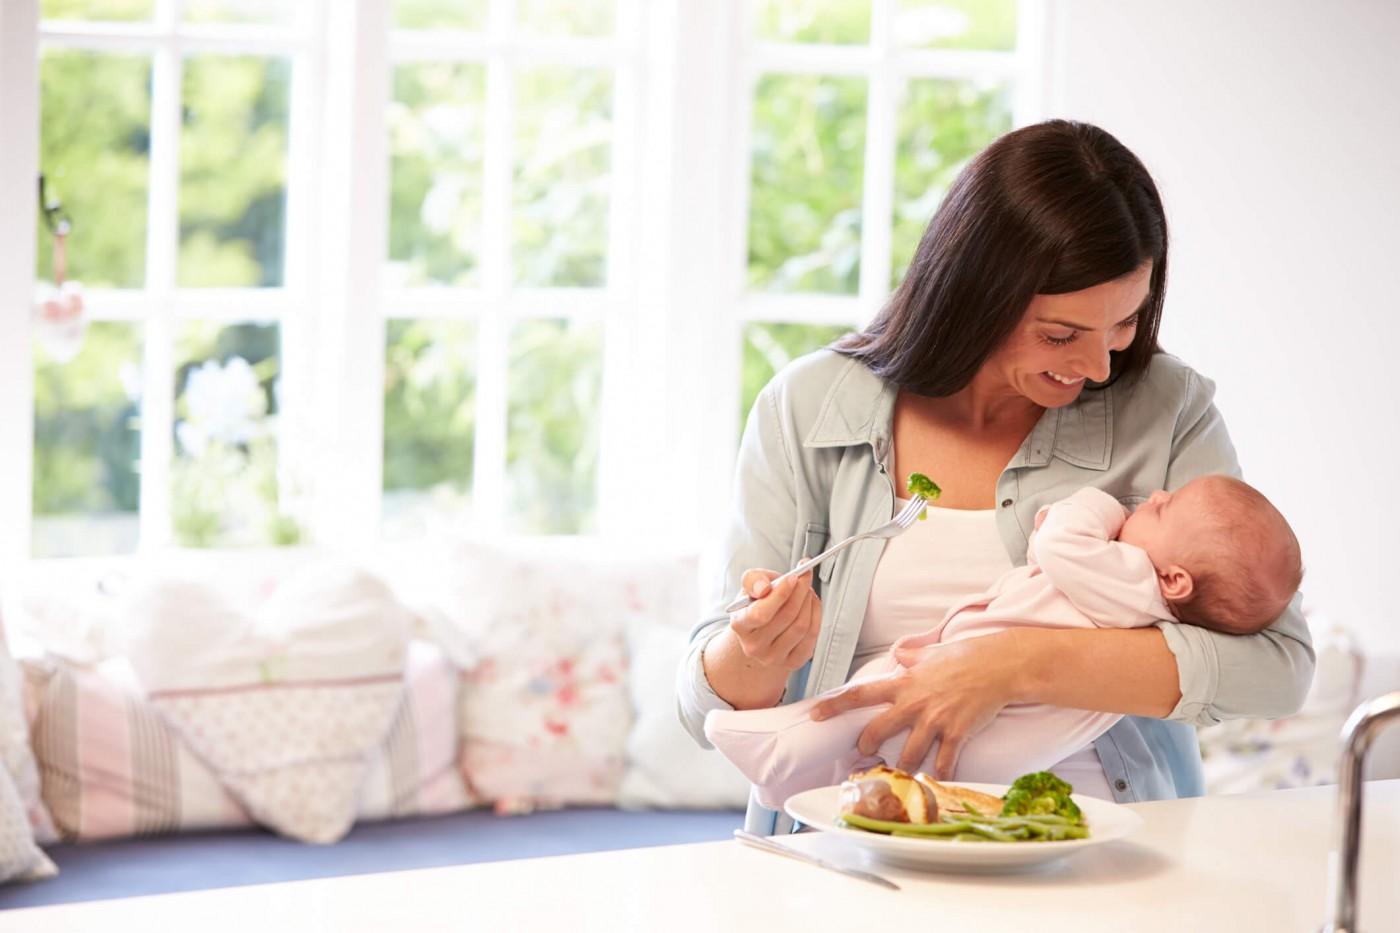 Что можно и нельзя есть при грудном вскармливании новорожденного?